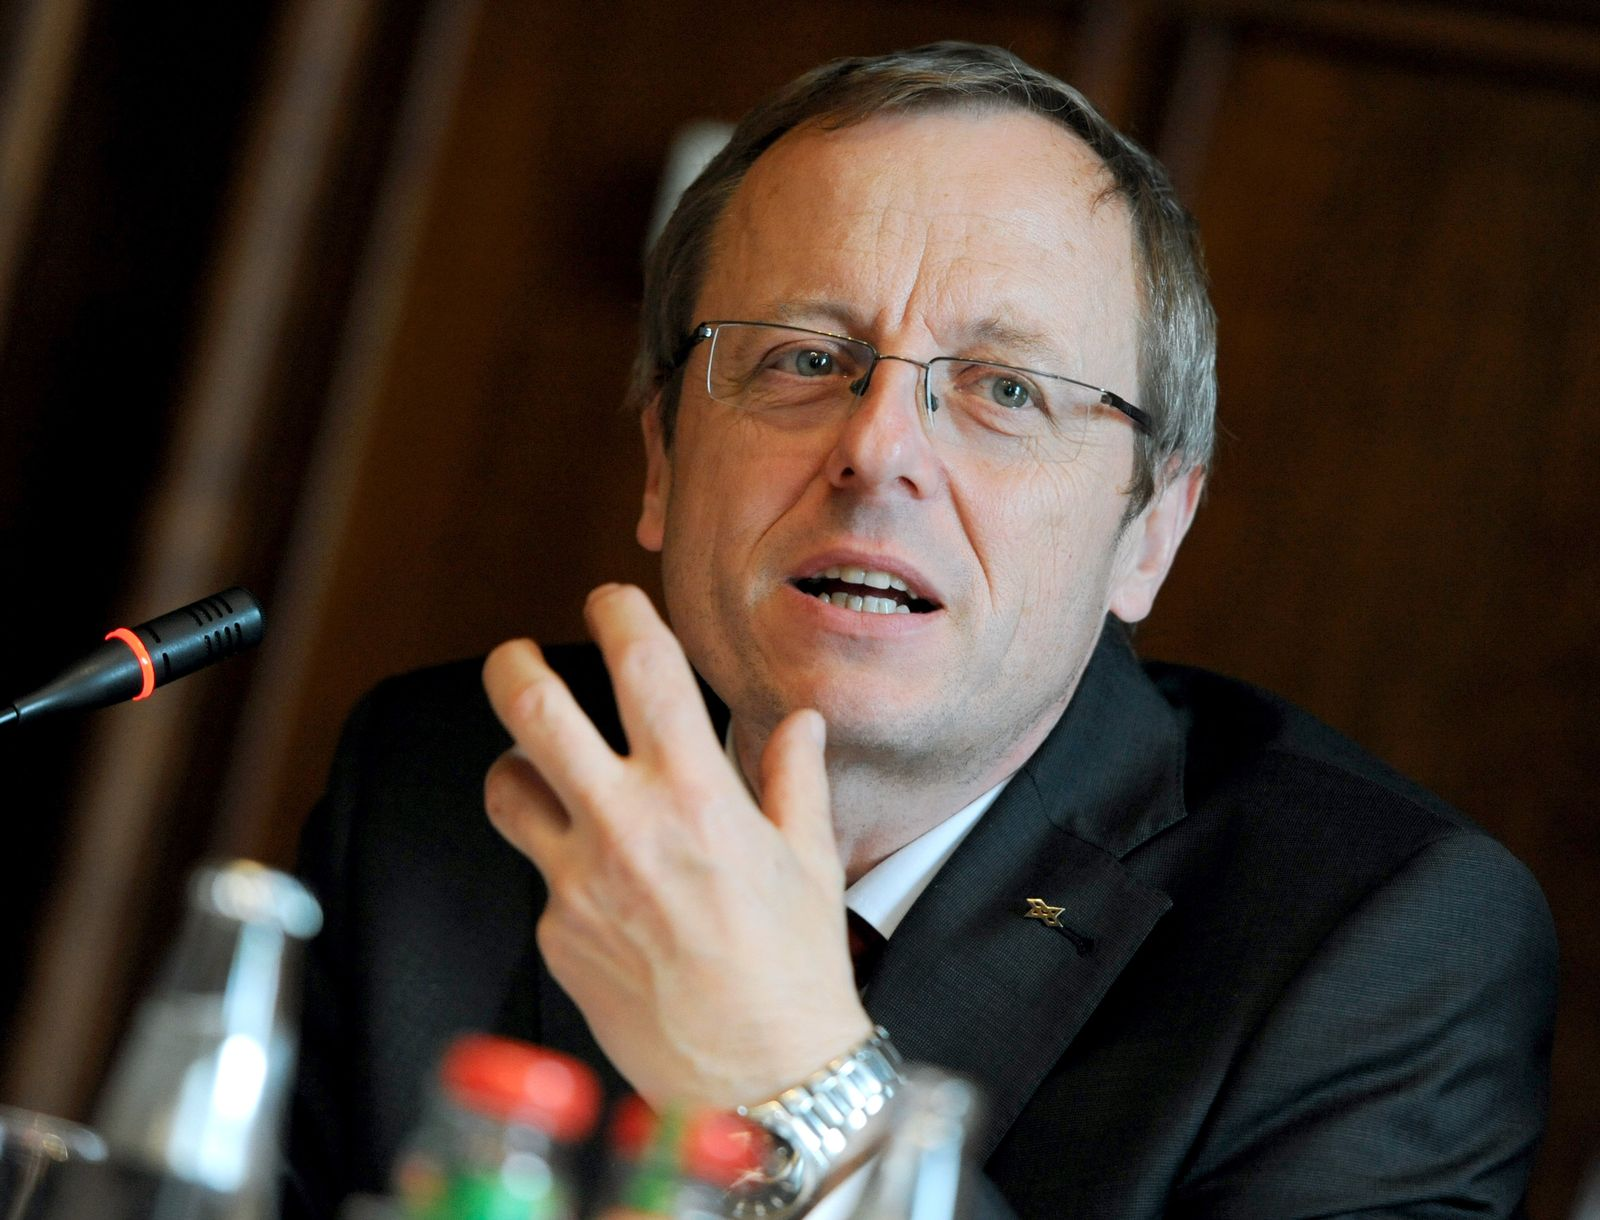 Jan Wörner